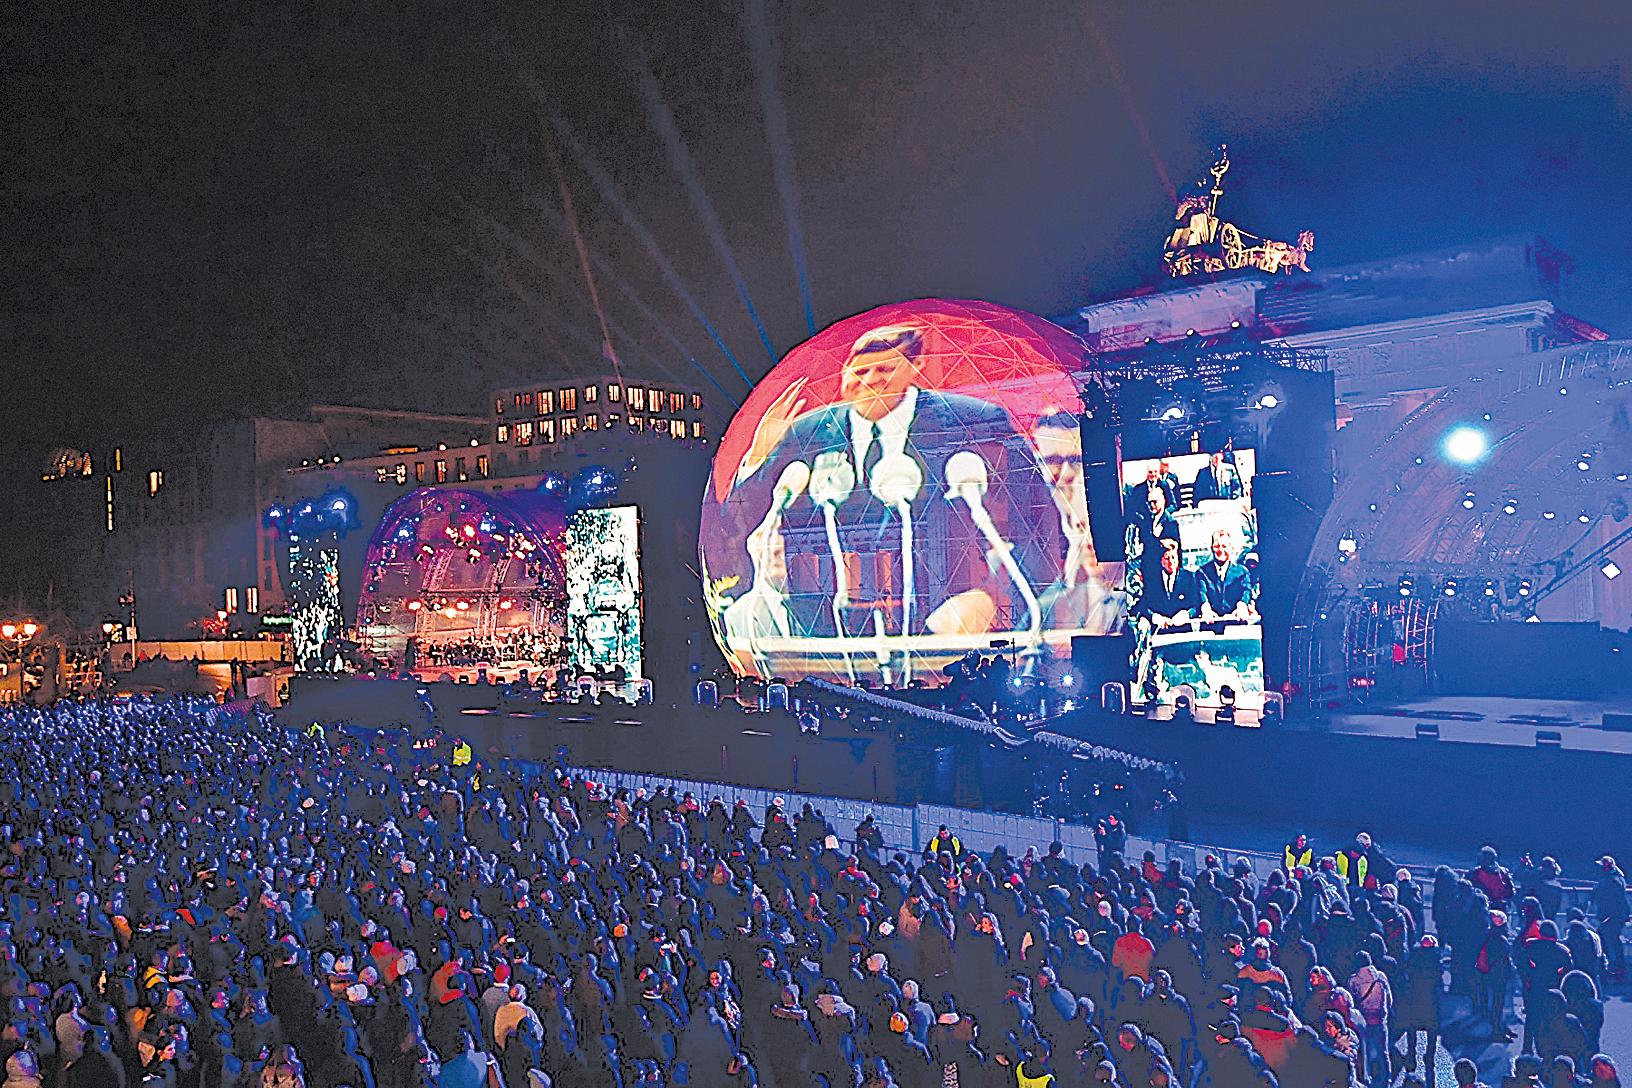 11月9日晚,十萬多觀眾參加了柏林市中心地標勃蘭登堡門前的慶祝活動,把紀念柏林牆倒塌30周年系列慶典推向高潮。圖為晚會上,大型屏幕打出了當年美國總統甘迺迪在西柏林演講的畫面,他的名句「我是柏林人」,鼓舞著當時被柏林牆圍困的柏林人堅持自由民主價值。(TOBIAS SCHWARZ/AFP/Getty Images)